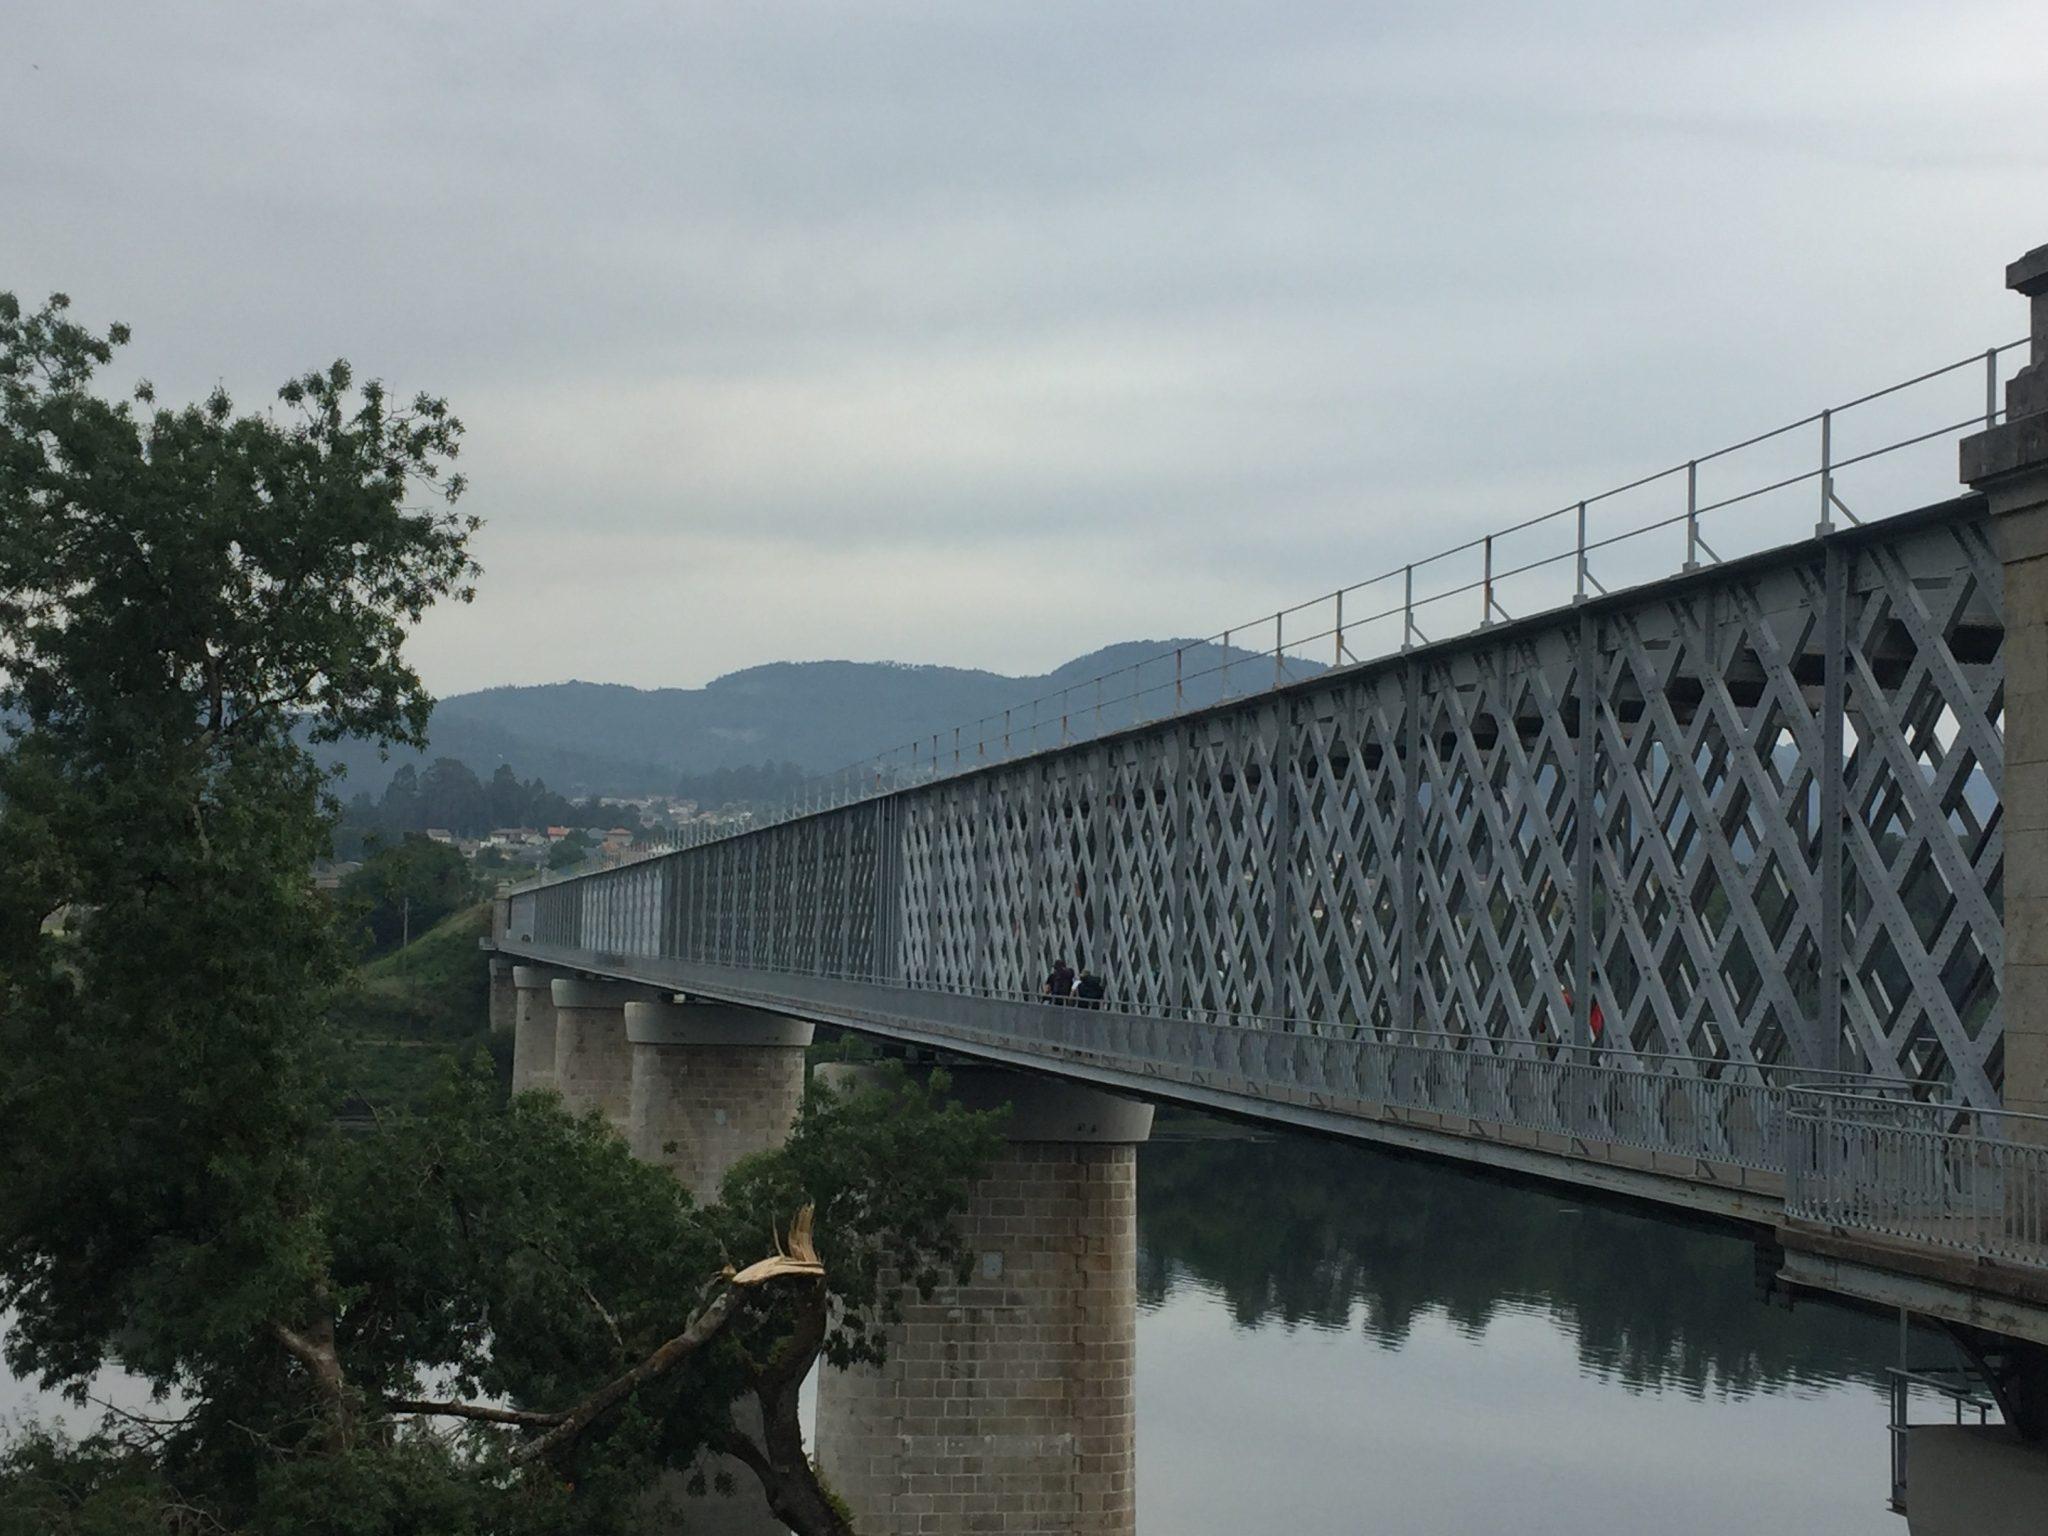 Ponte Internacional Puente Internacional